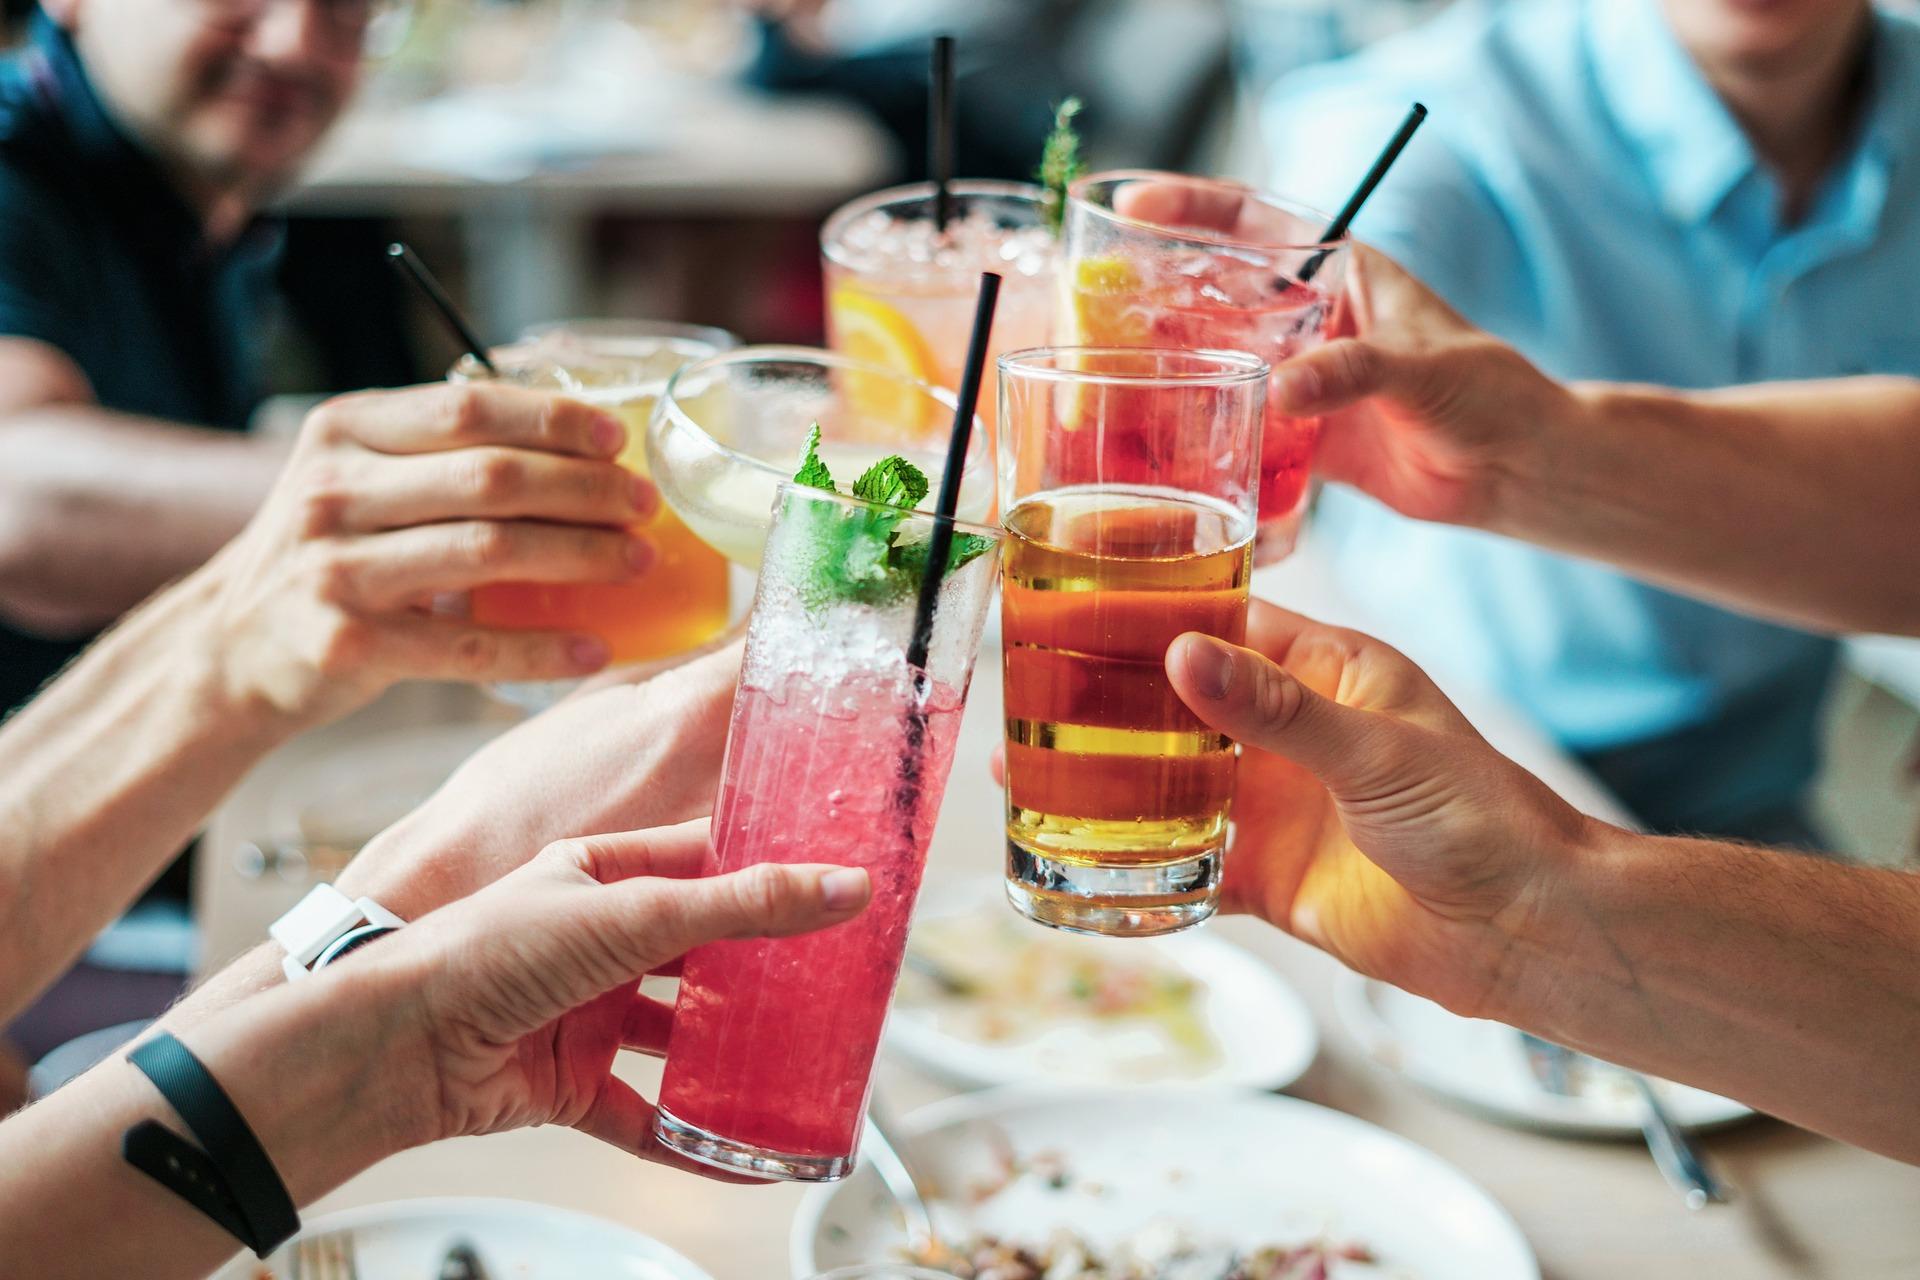 brindando con amigos en un restaurante